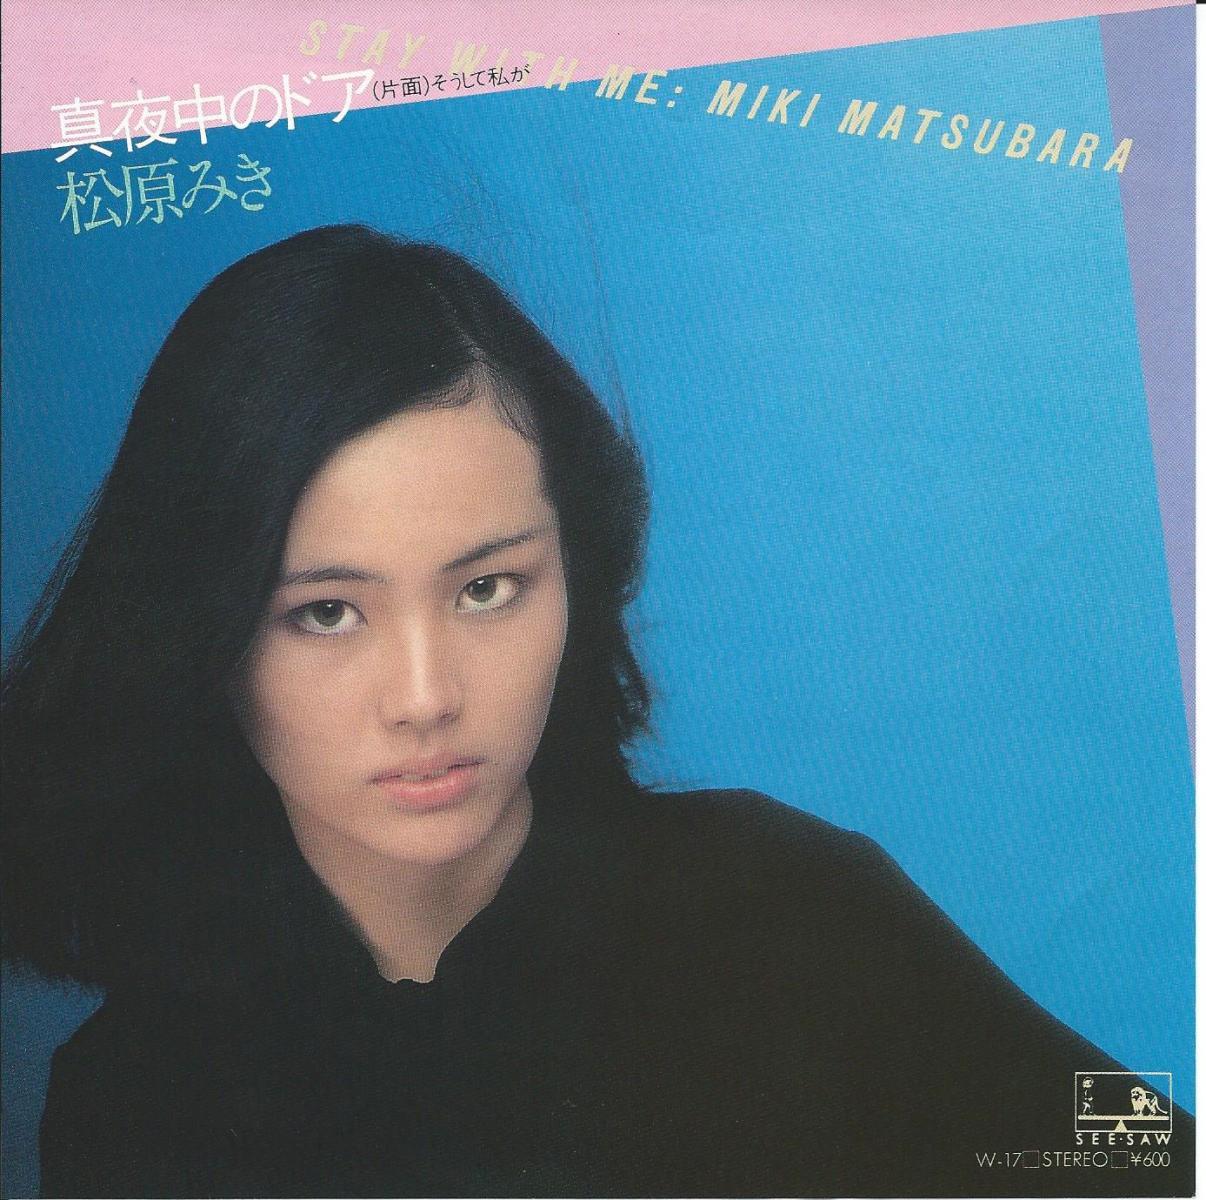 Miki Matsubara = Miki Matsubara 松原みき Cool Cut = クール・カット